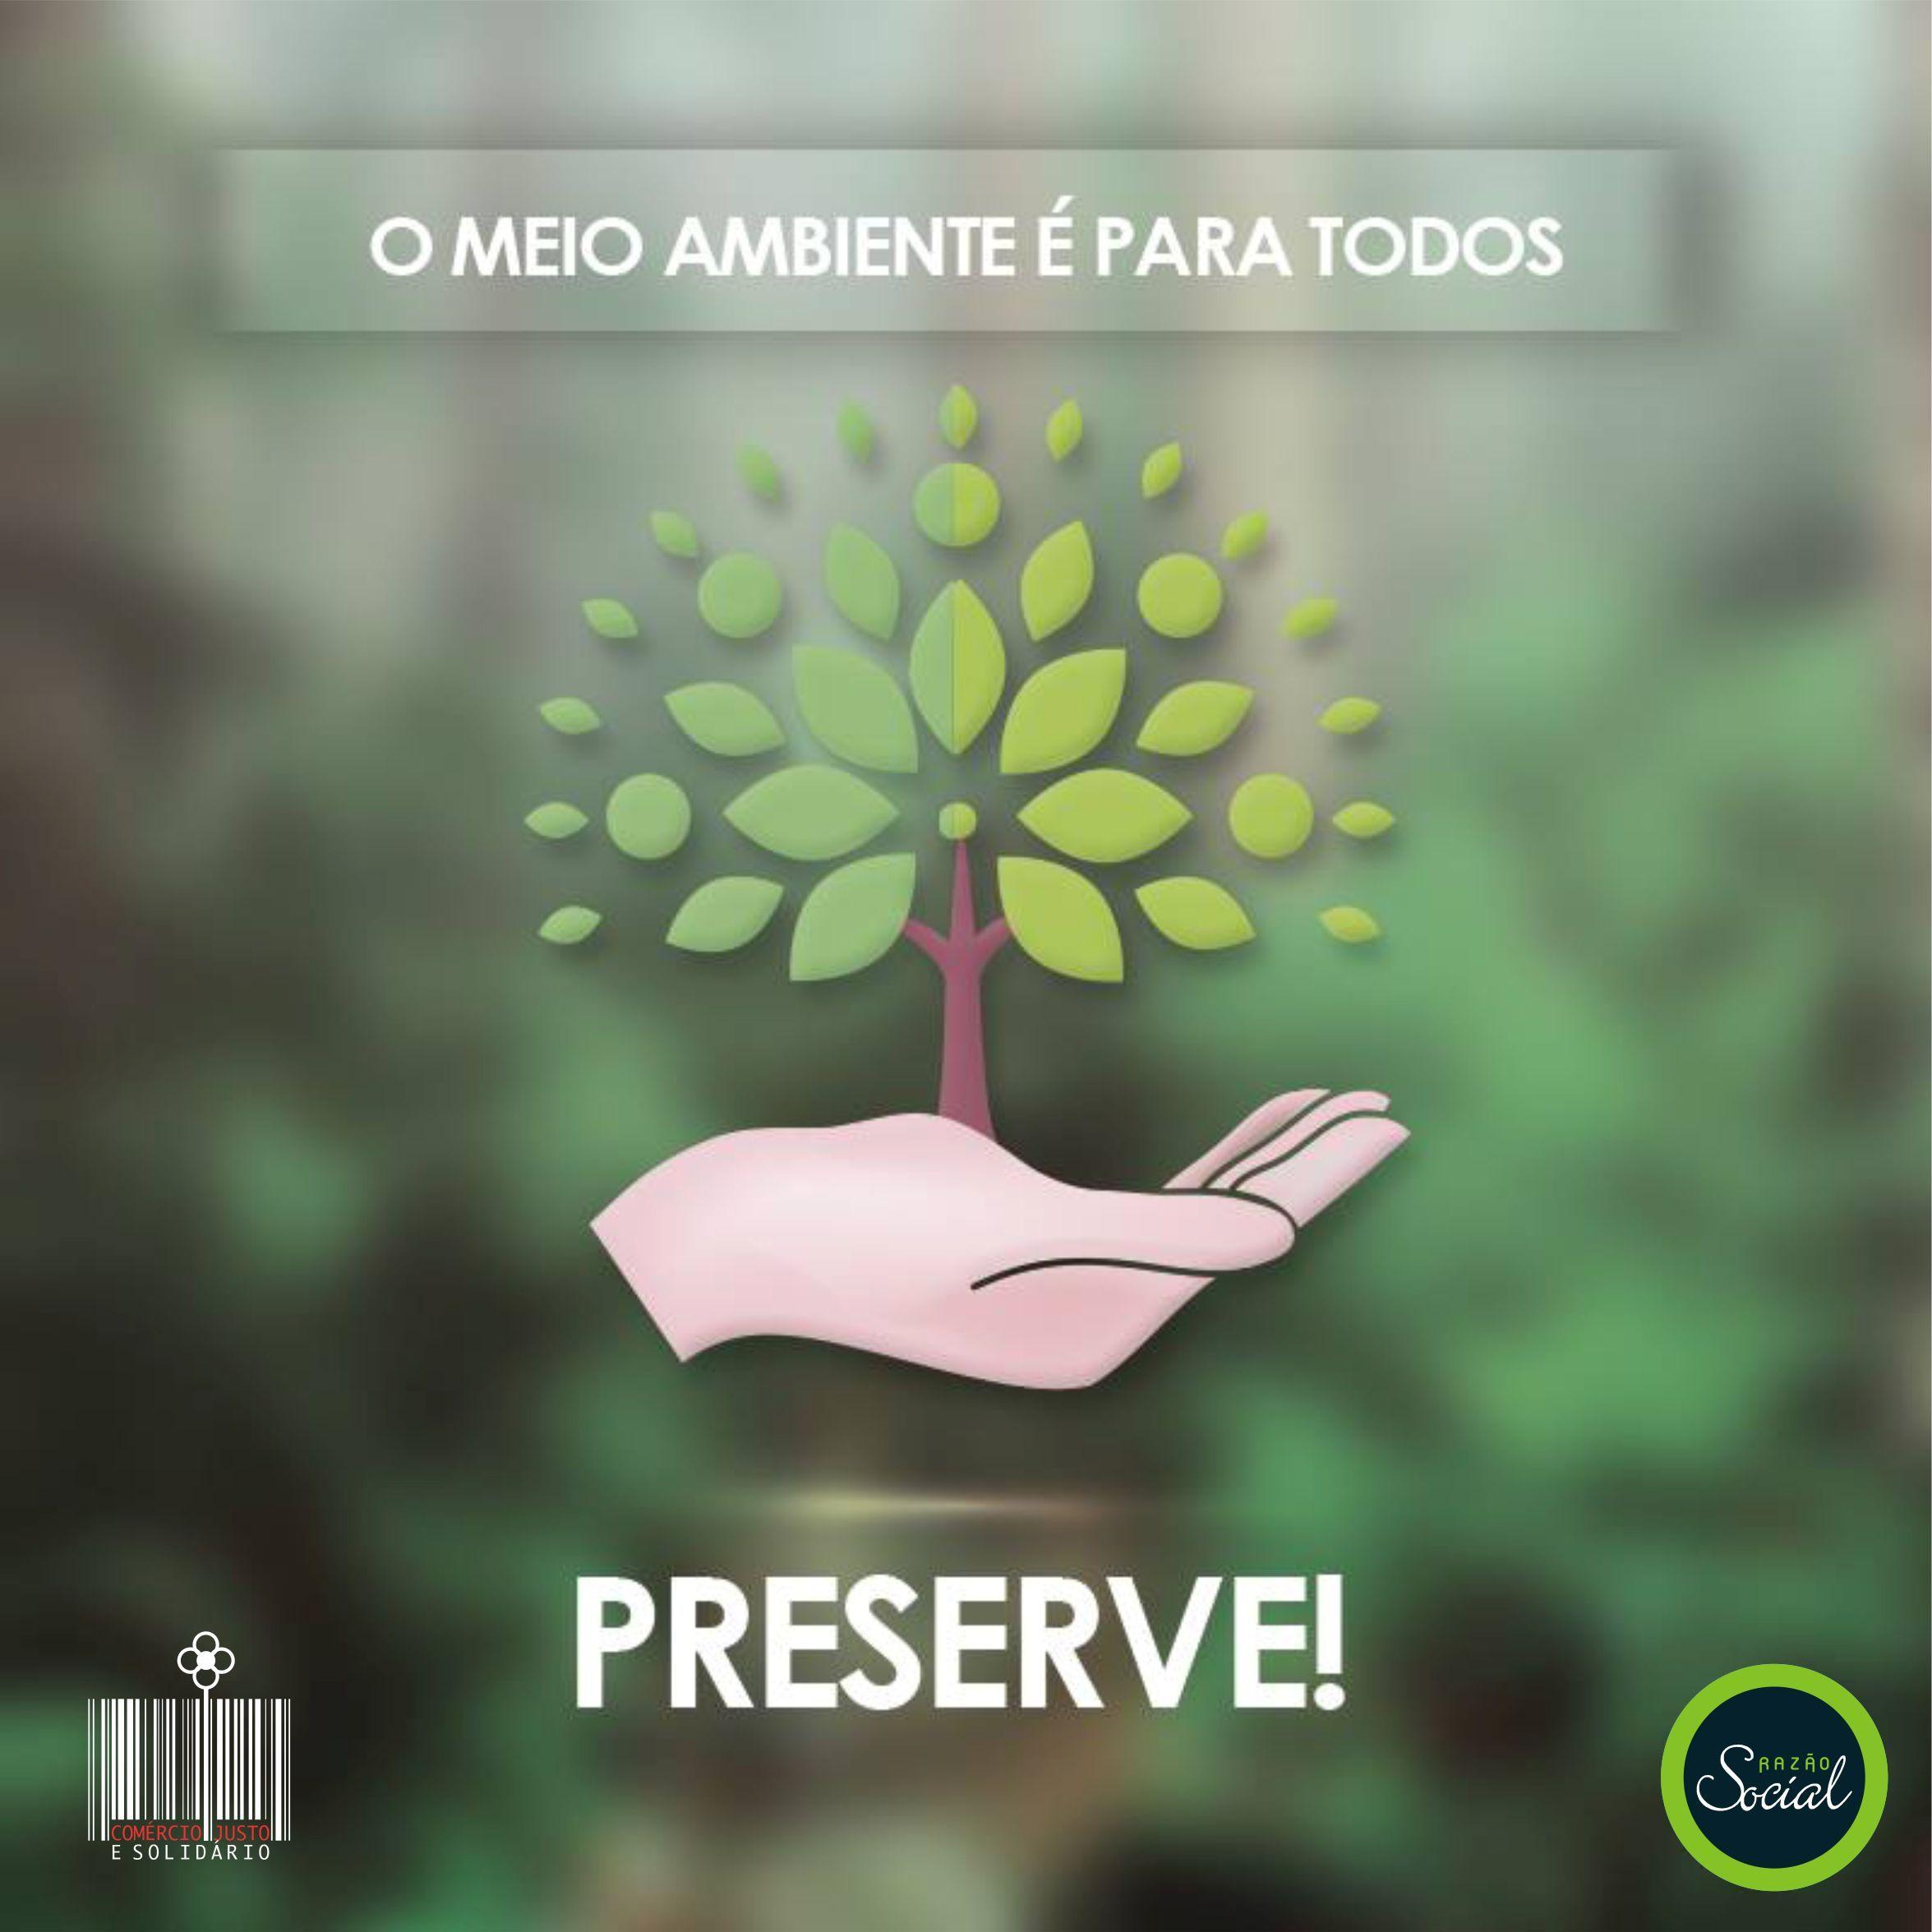 O meio ambiente é para todos, PRESERVE! #preserveoambiente #meioambiente #eufaçoadiferença